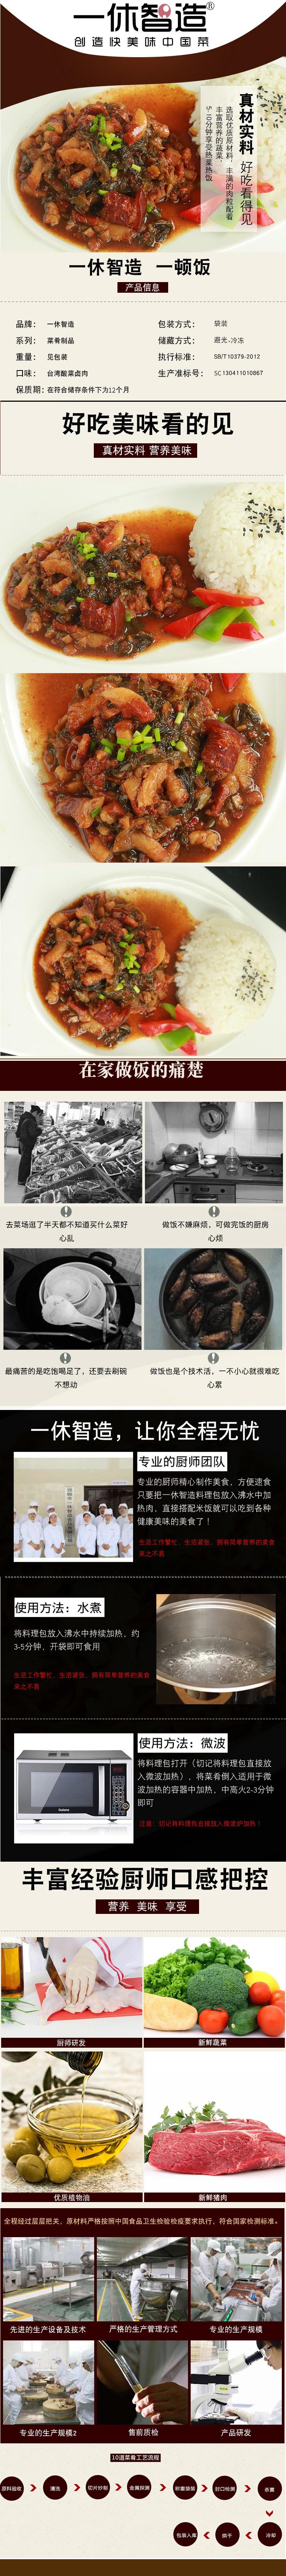 台湾酸菜卤肉.jpg